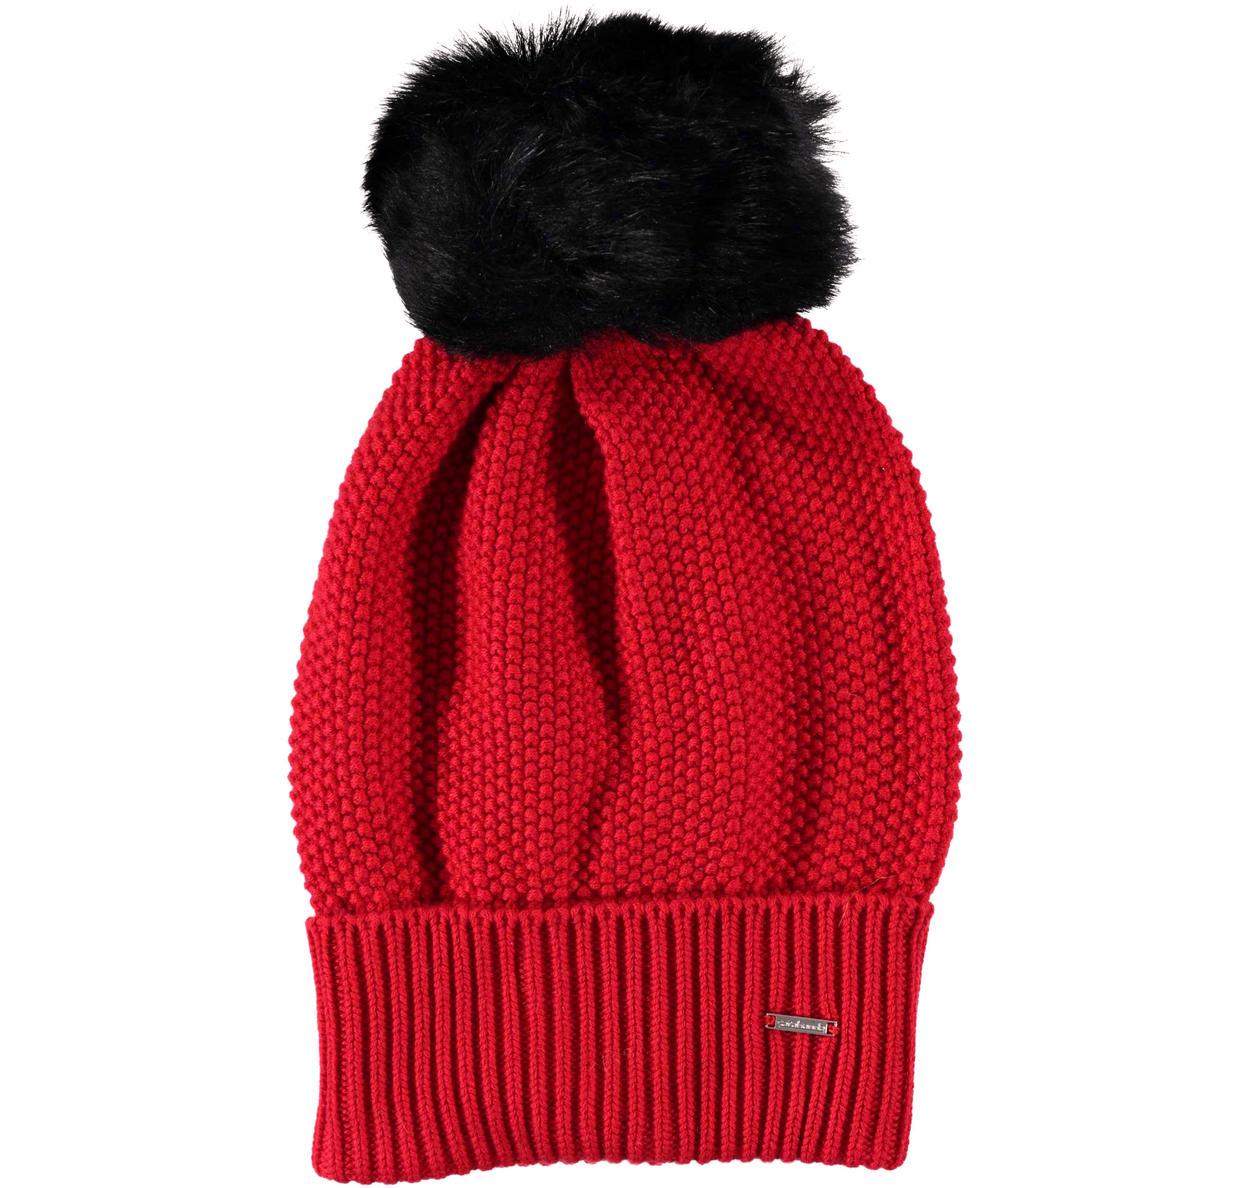 Cappello modello cuffia con pon pon per bambina da 6 a 16 anni Sarabanda 685865452290